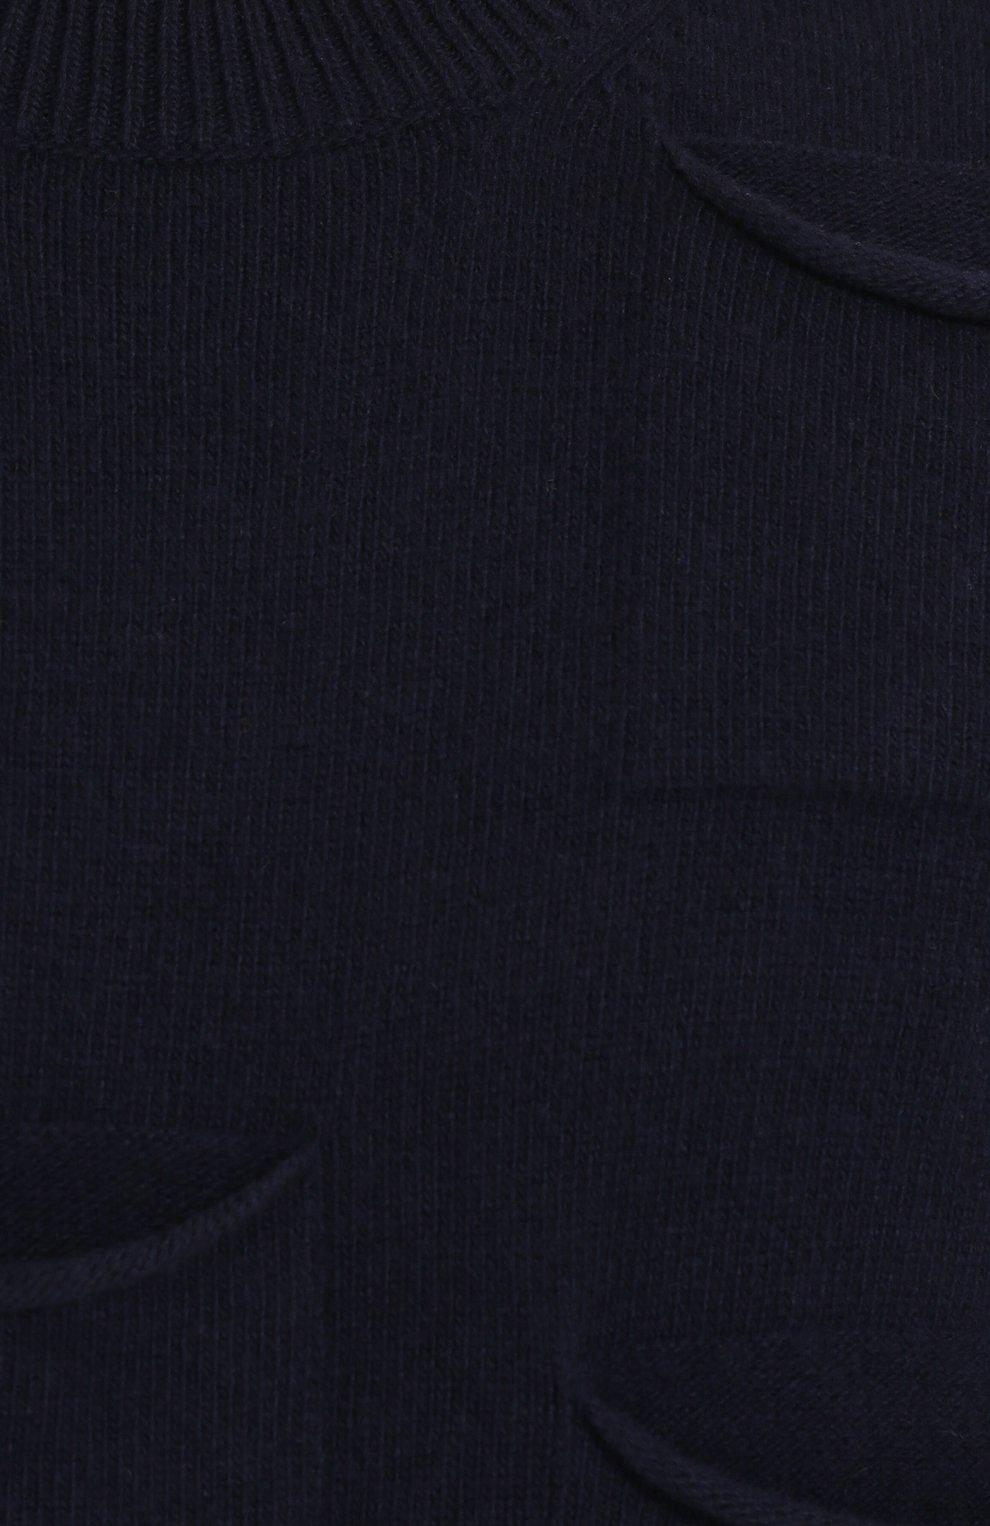 Джемпер из смеси шерсти и кашемира с отделкой   Фото №5